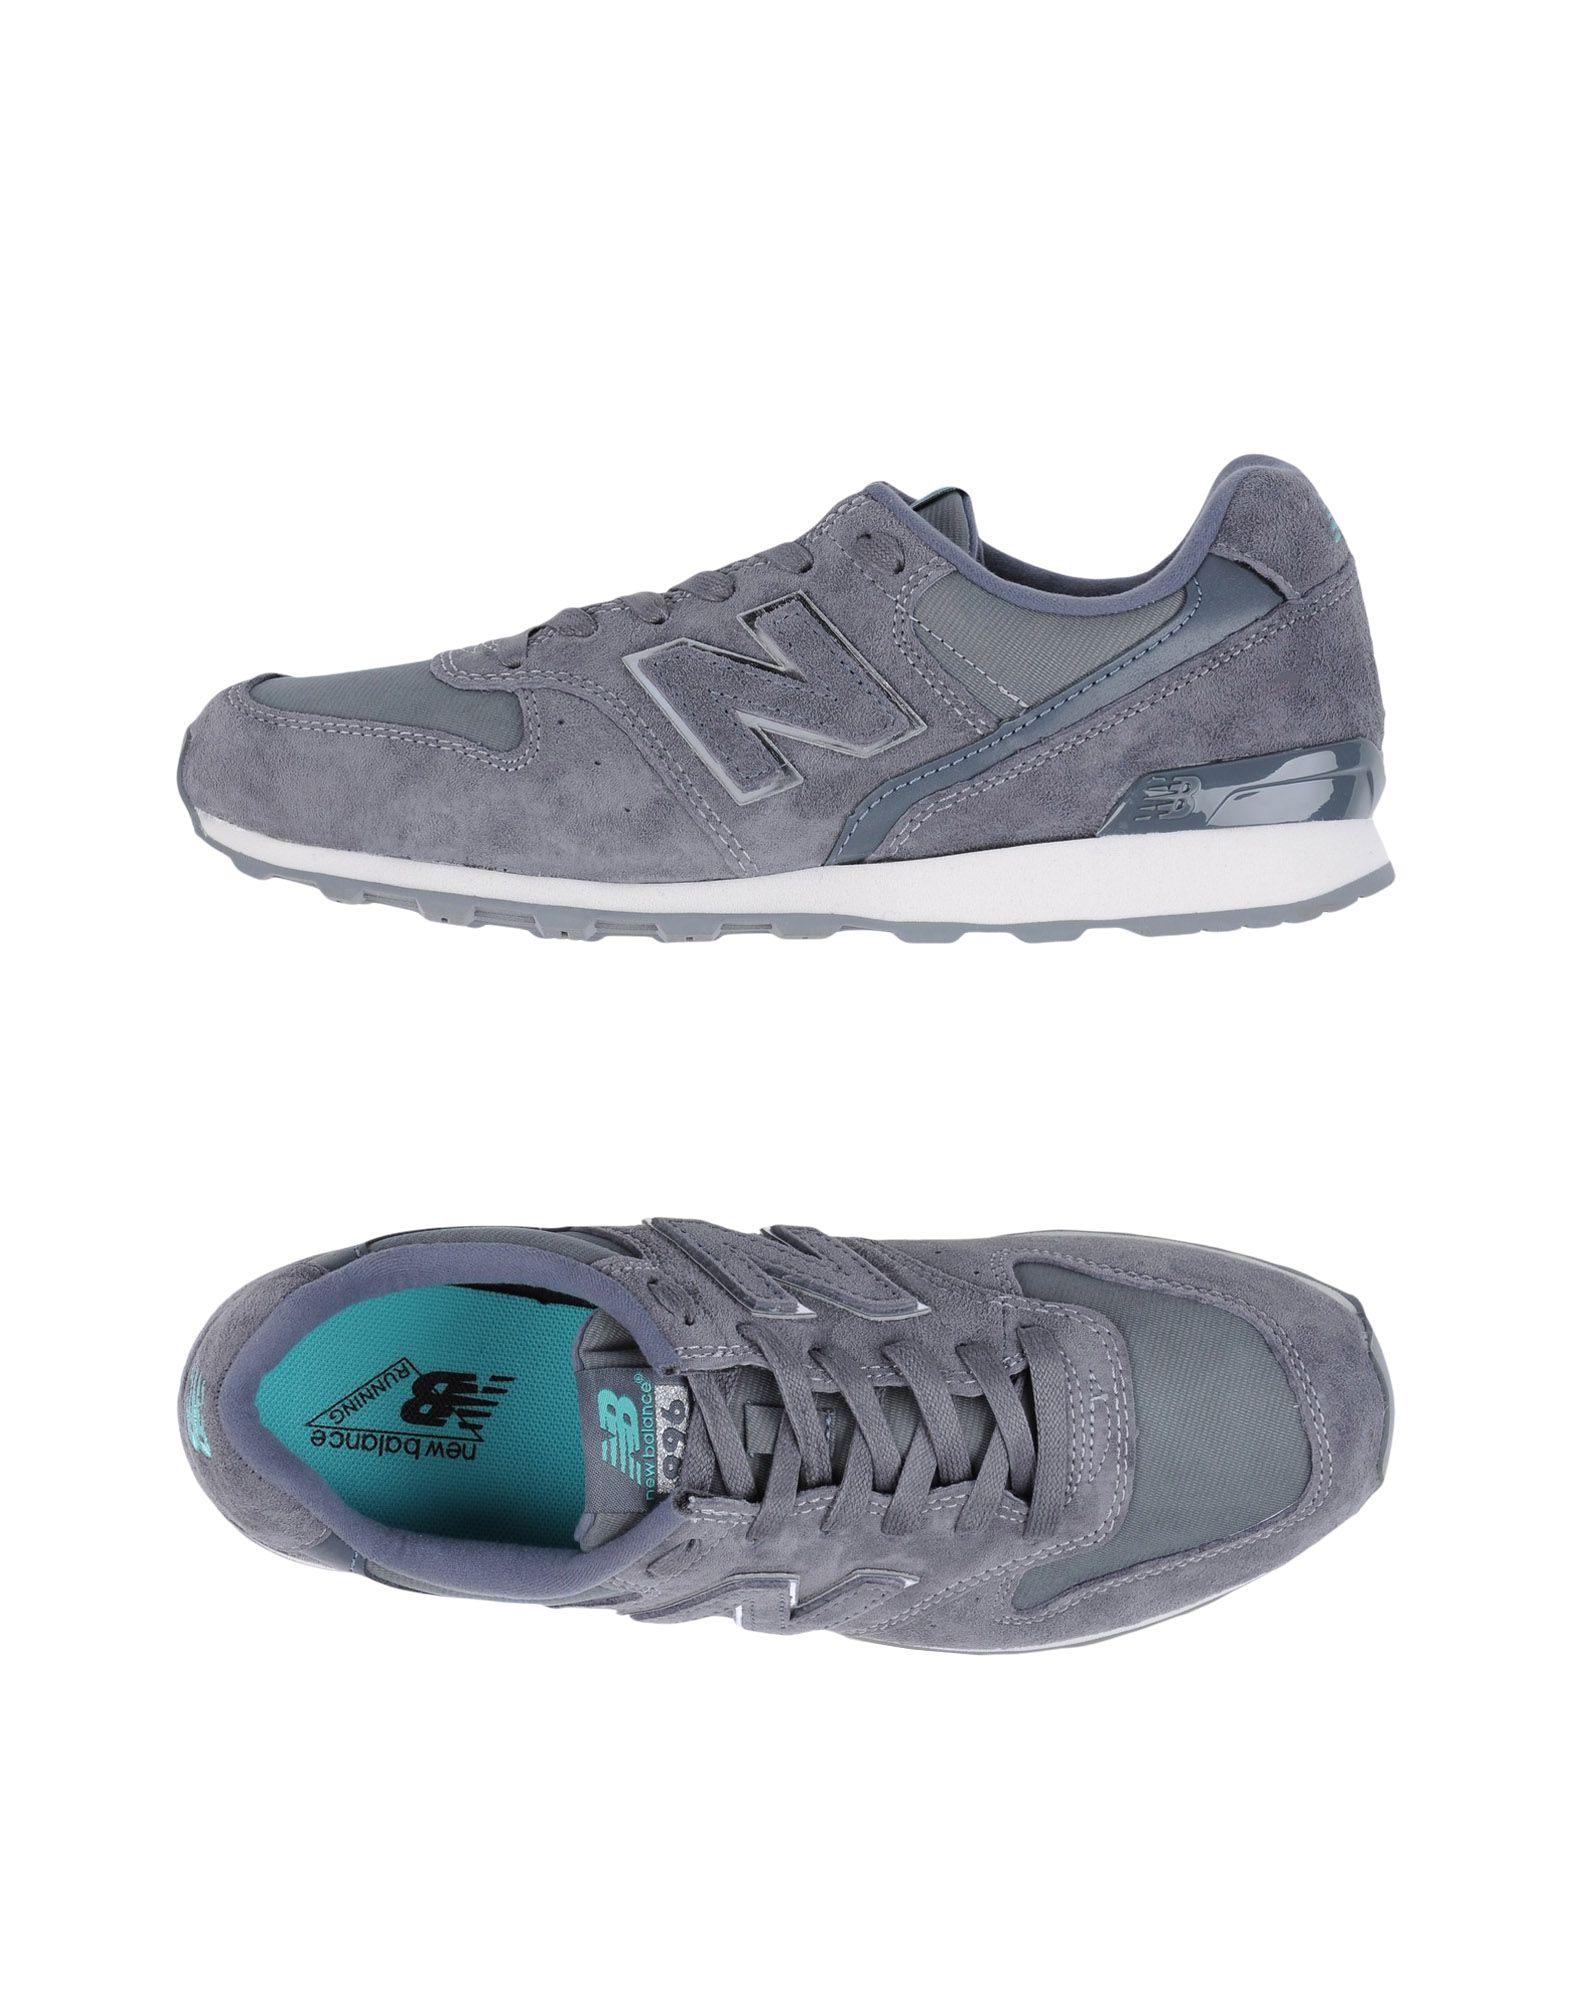 New Balance 996 Suede 11195648JS Gute Qualität beliebte Schuhe